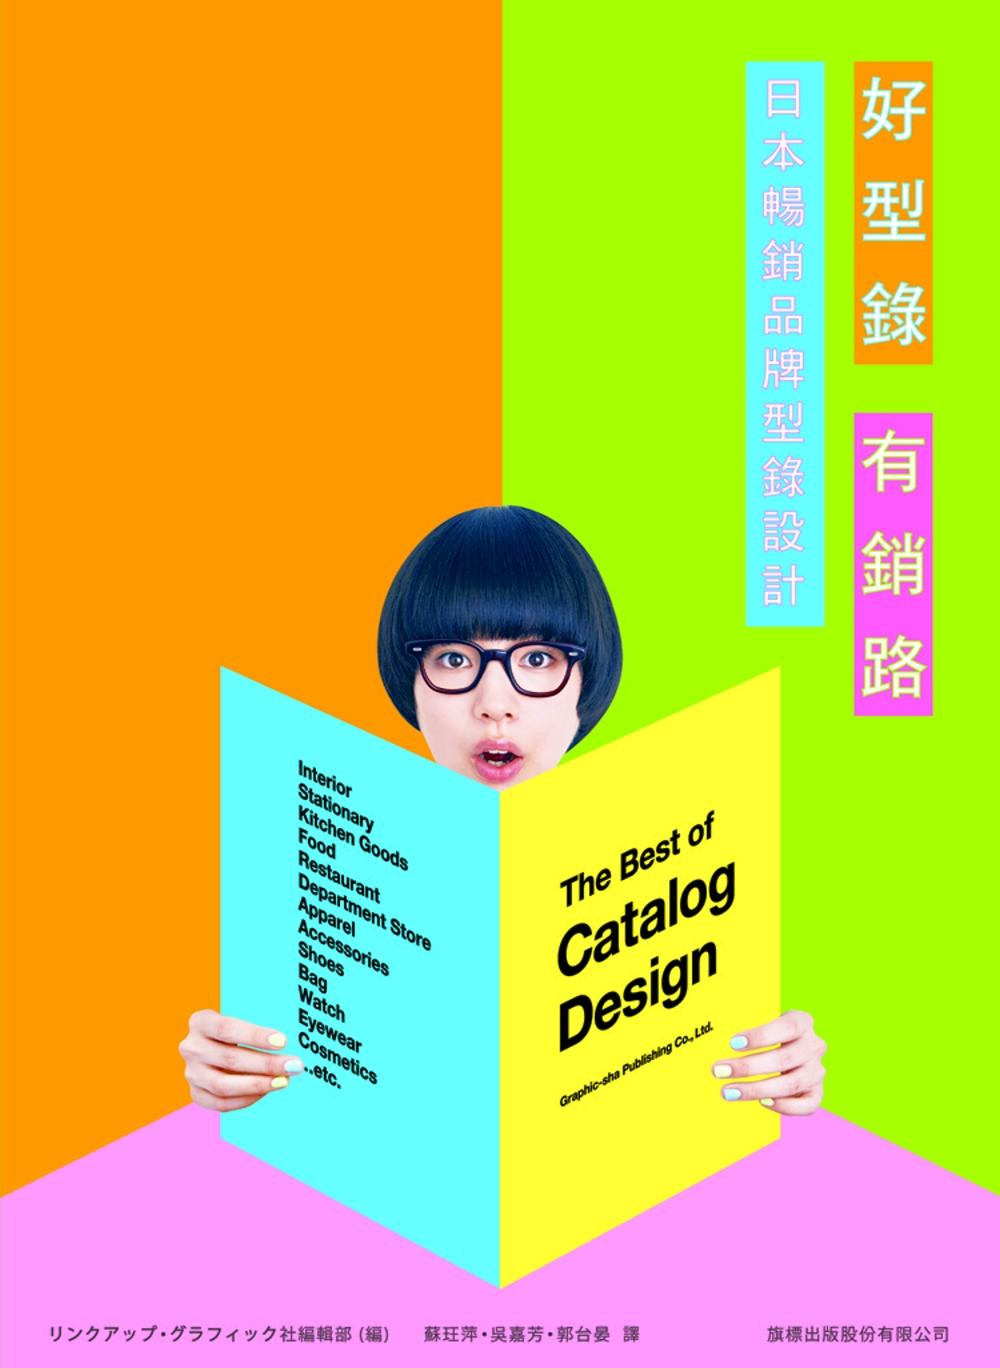 好型錄 有銷路:日本暢銷品牌型錄設計